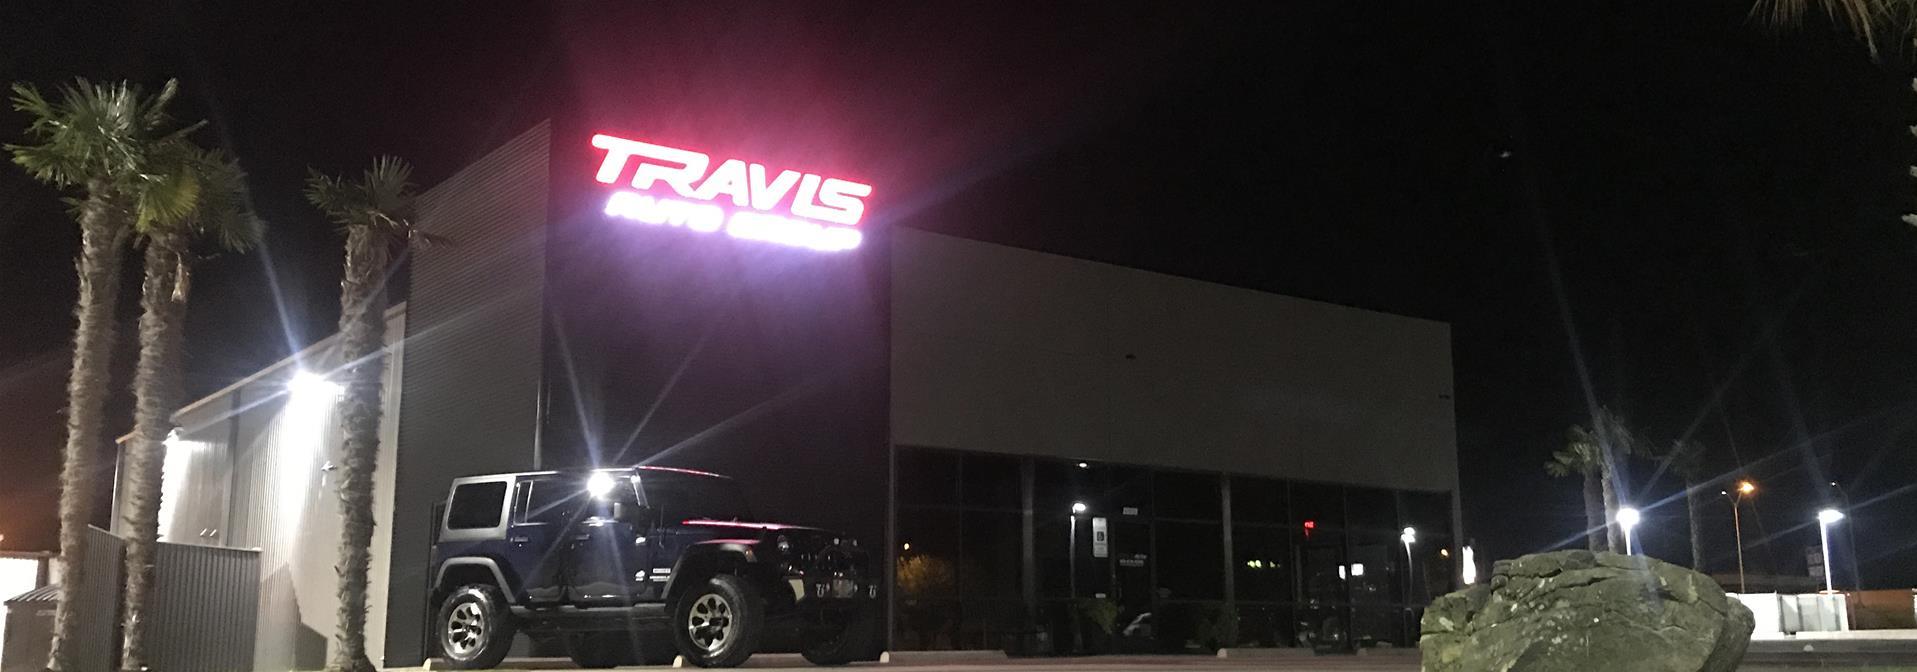 Travis Auto Group Abilene TX New Used Cars Trucks Sales Service - Car show abilene tx